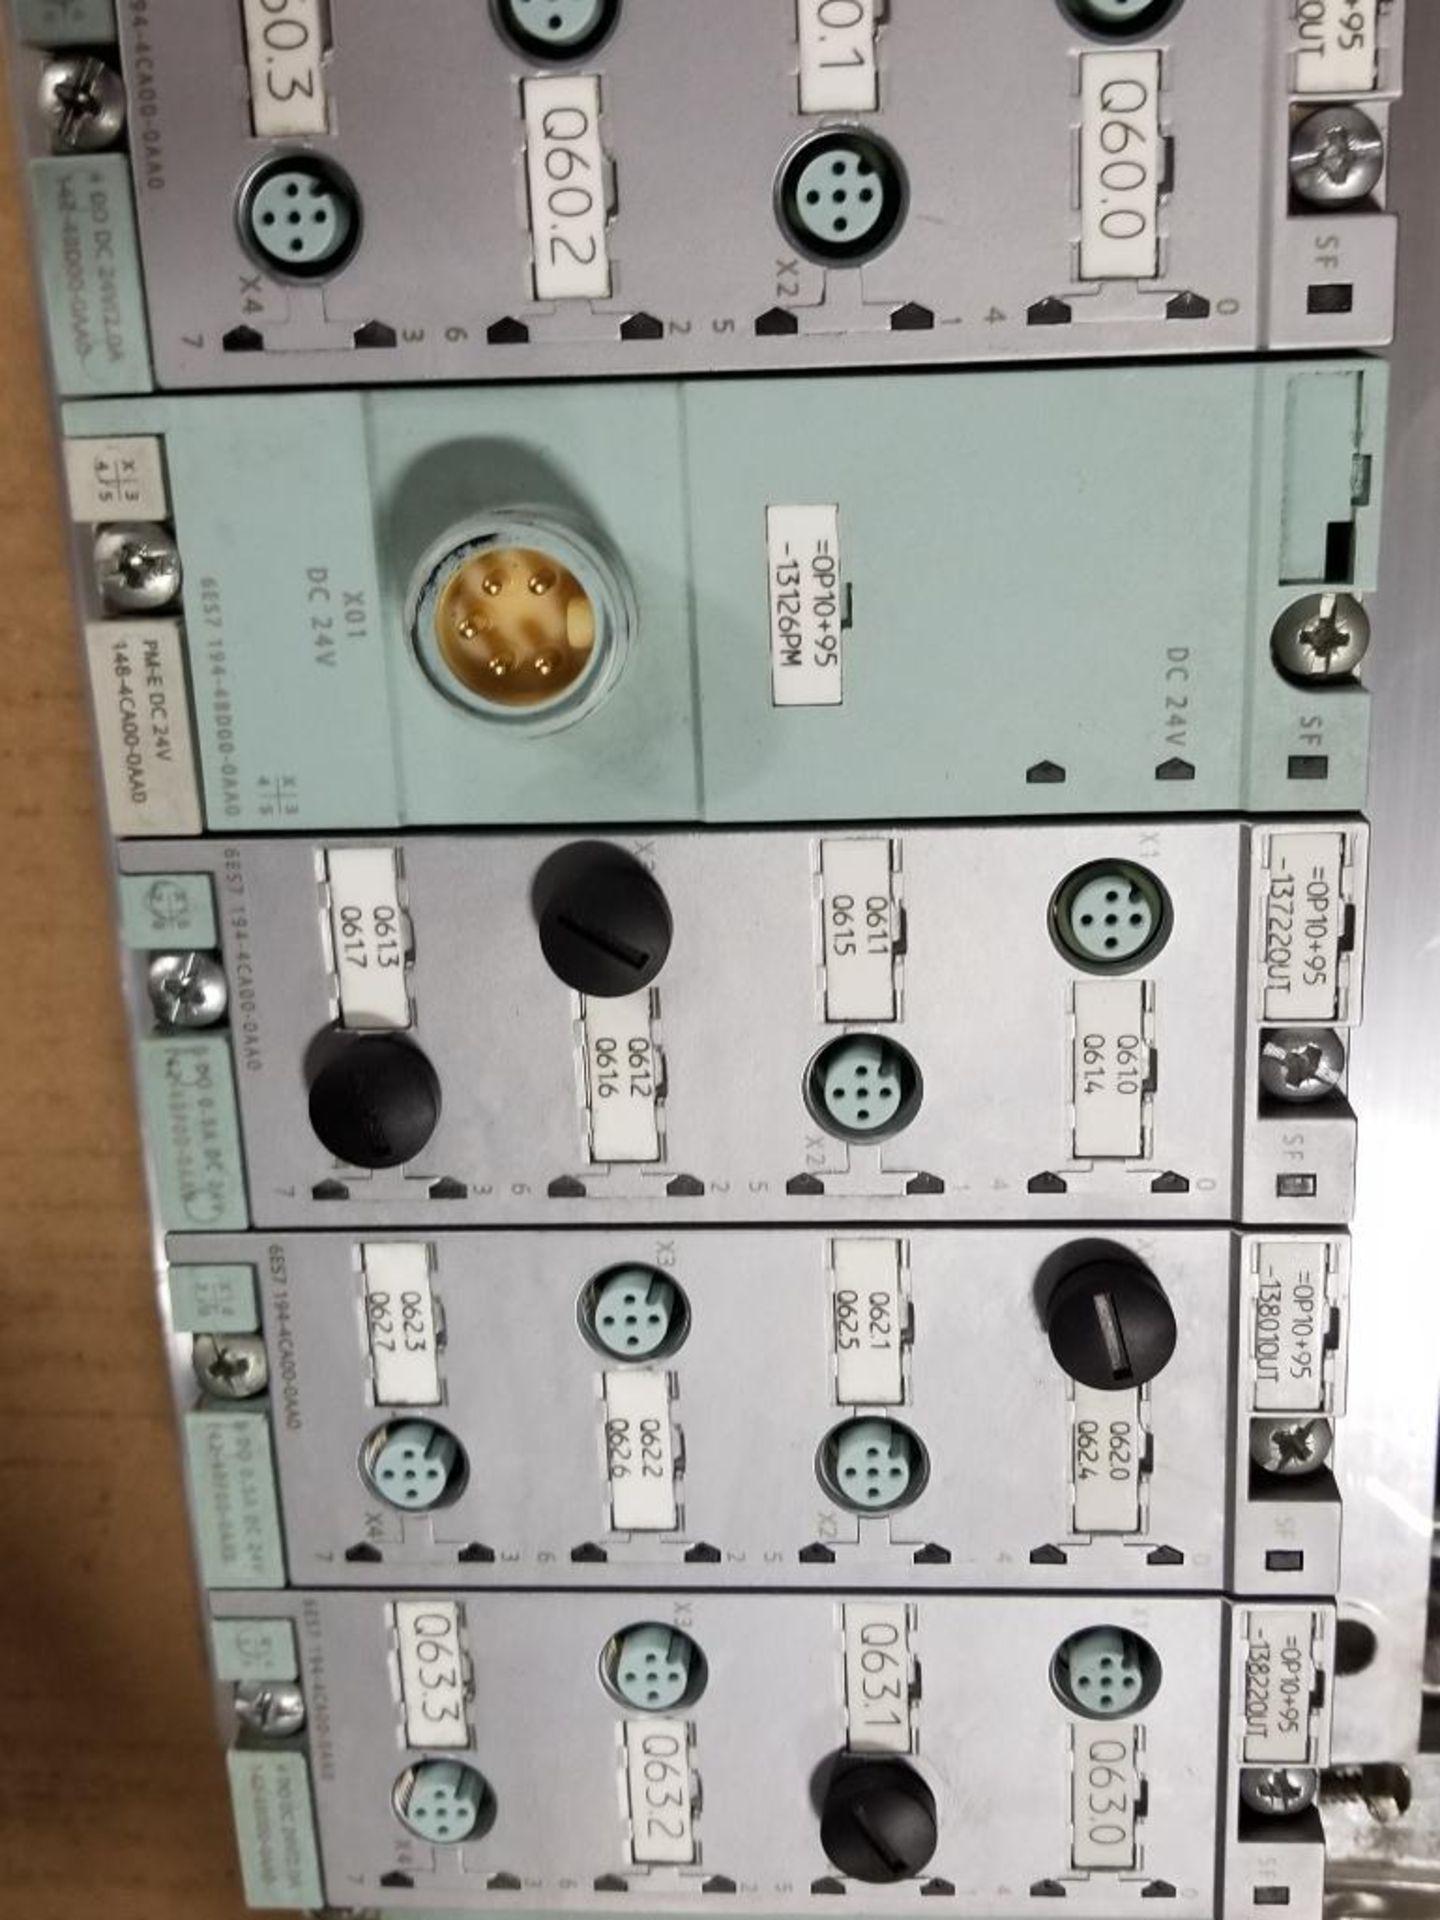 Siemens ET200-pro flow control line. 6ES7-154-1AA01-0AB0. - Image 5 of 5